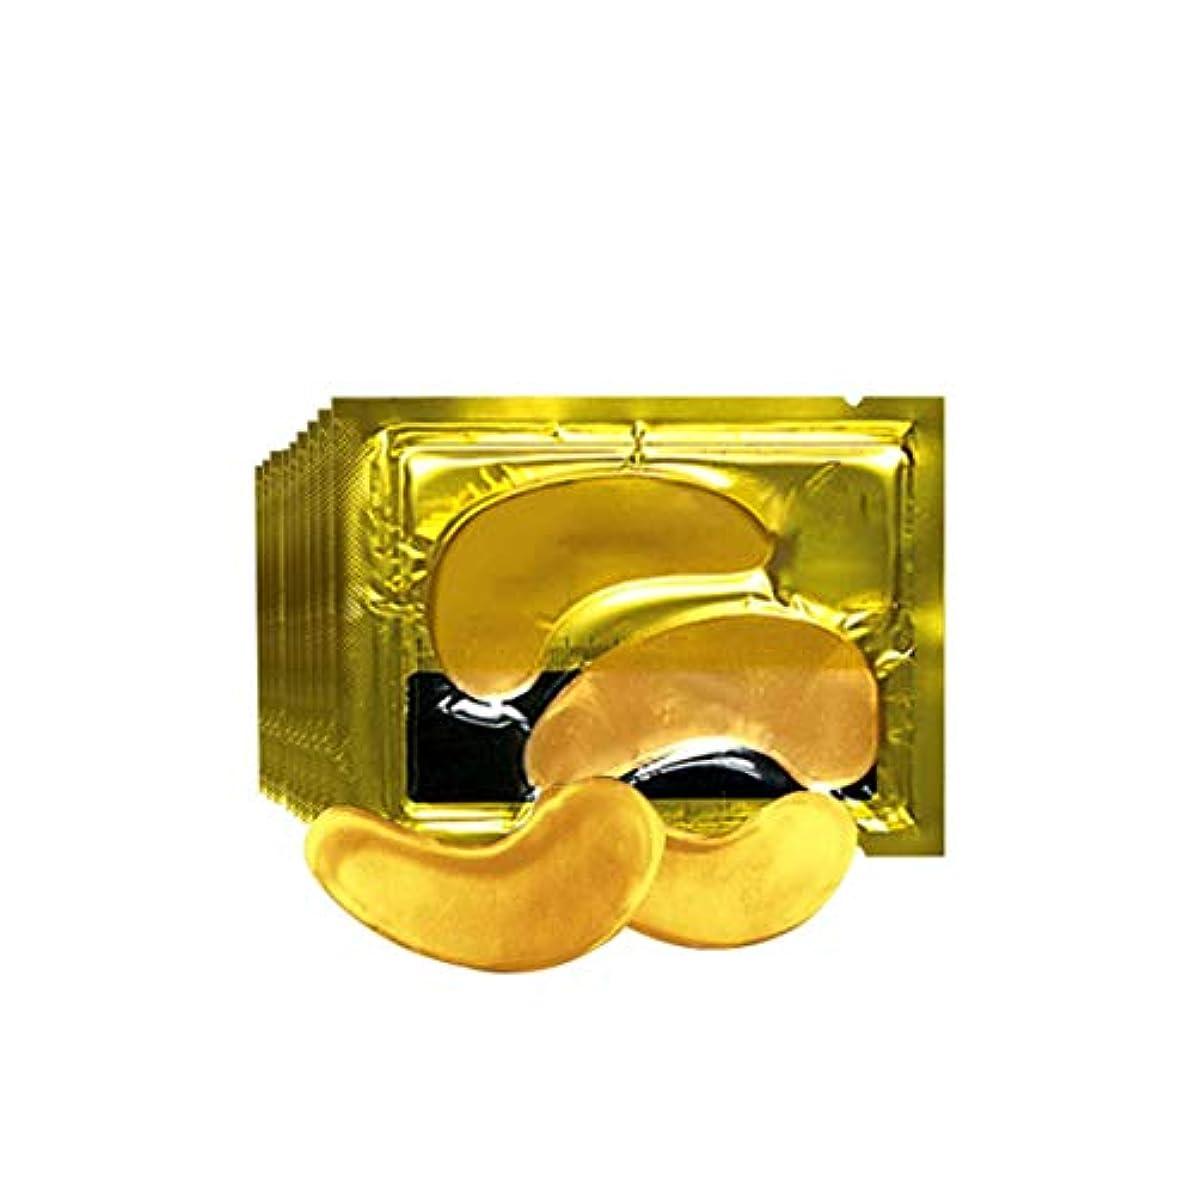 細心の破産特殊24Kアイマスク削除ダークサークルアンチシワ保湿アンチエイジングアンチパフアイバッグビューティファーミングアイマスク - イエロー